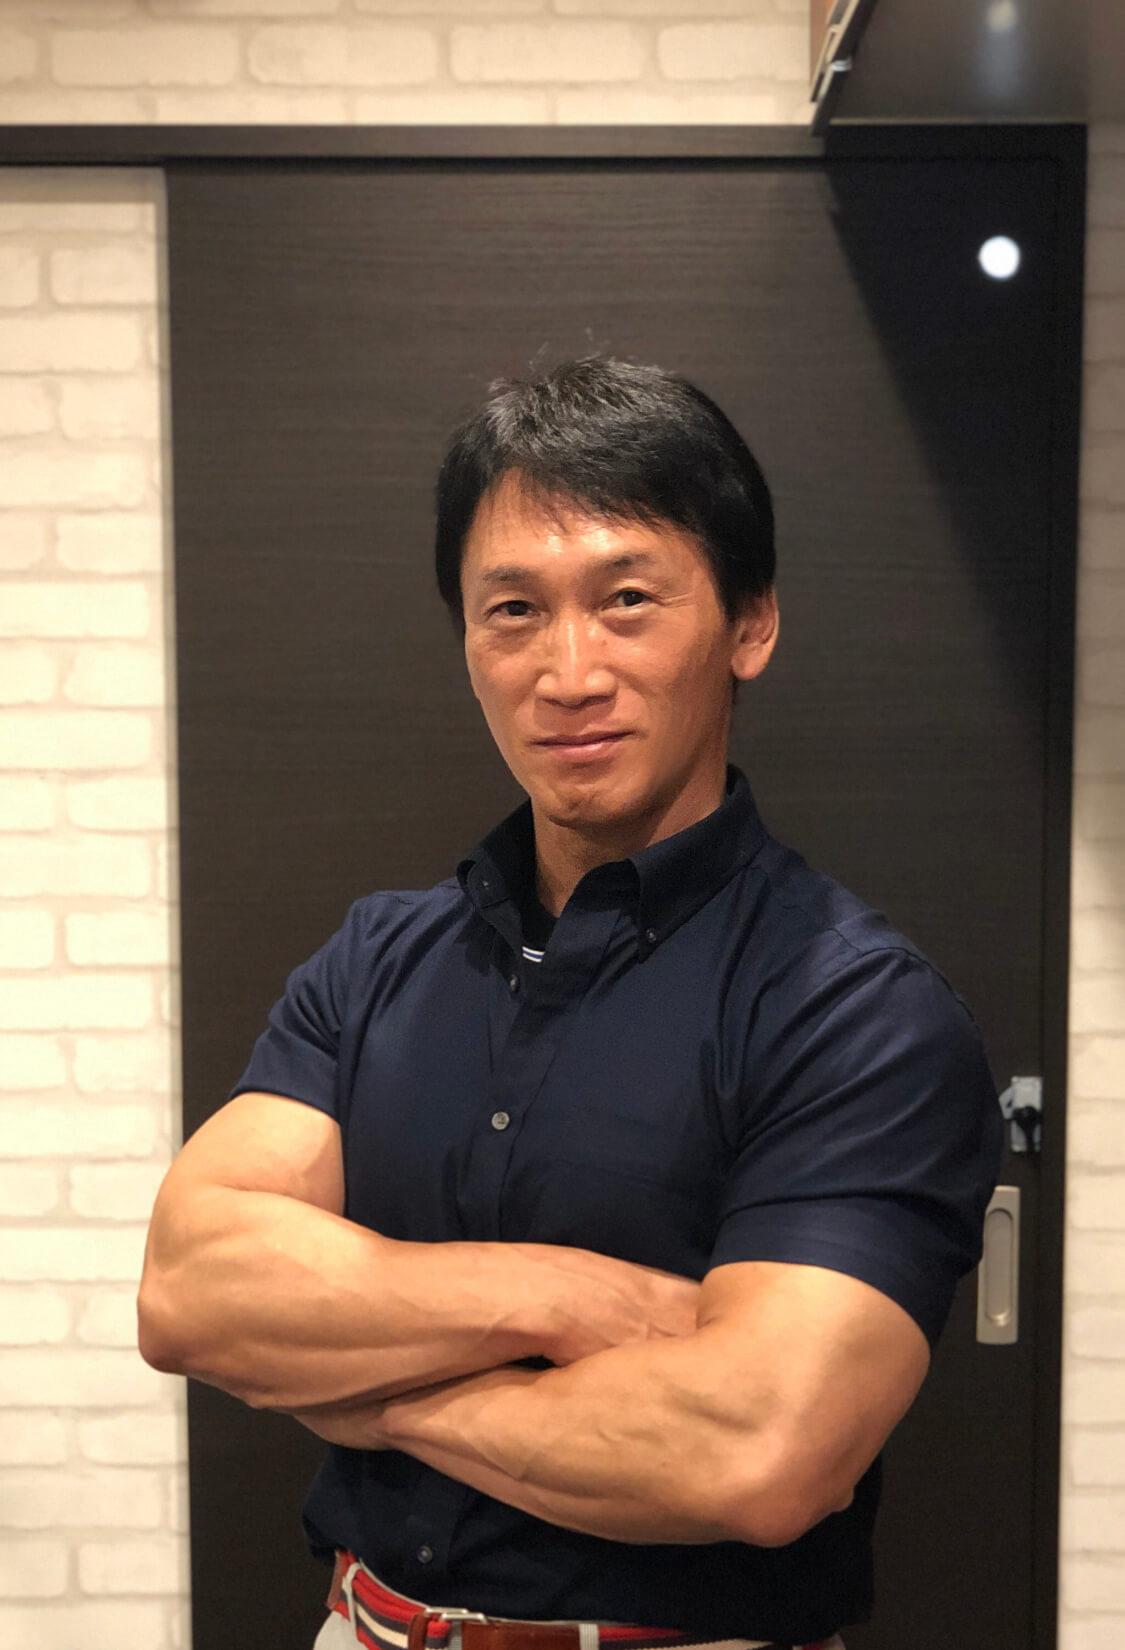 インタビュー画像: サロン・ド・オスカー - 回答者:山崎 磨智さん